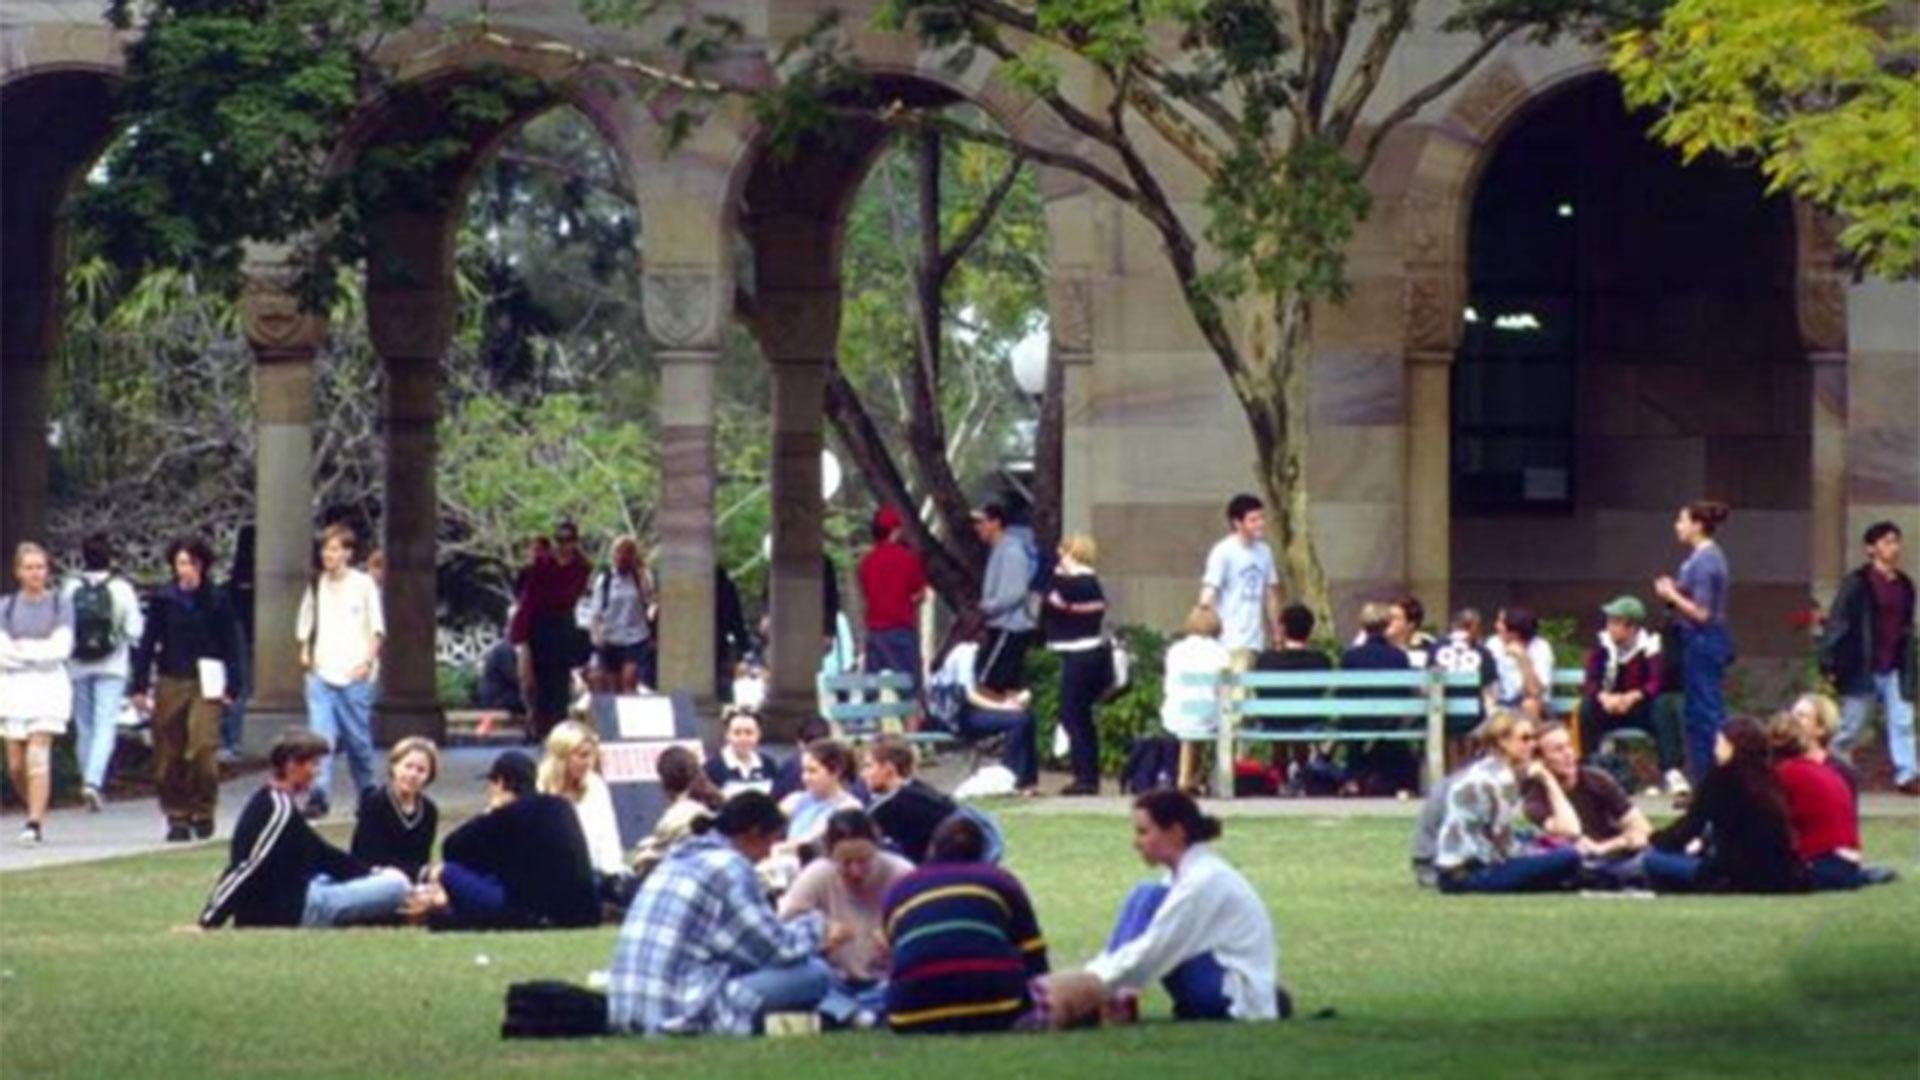 Estudiantes charlan en un universidad australiana